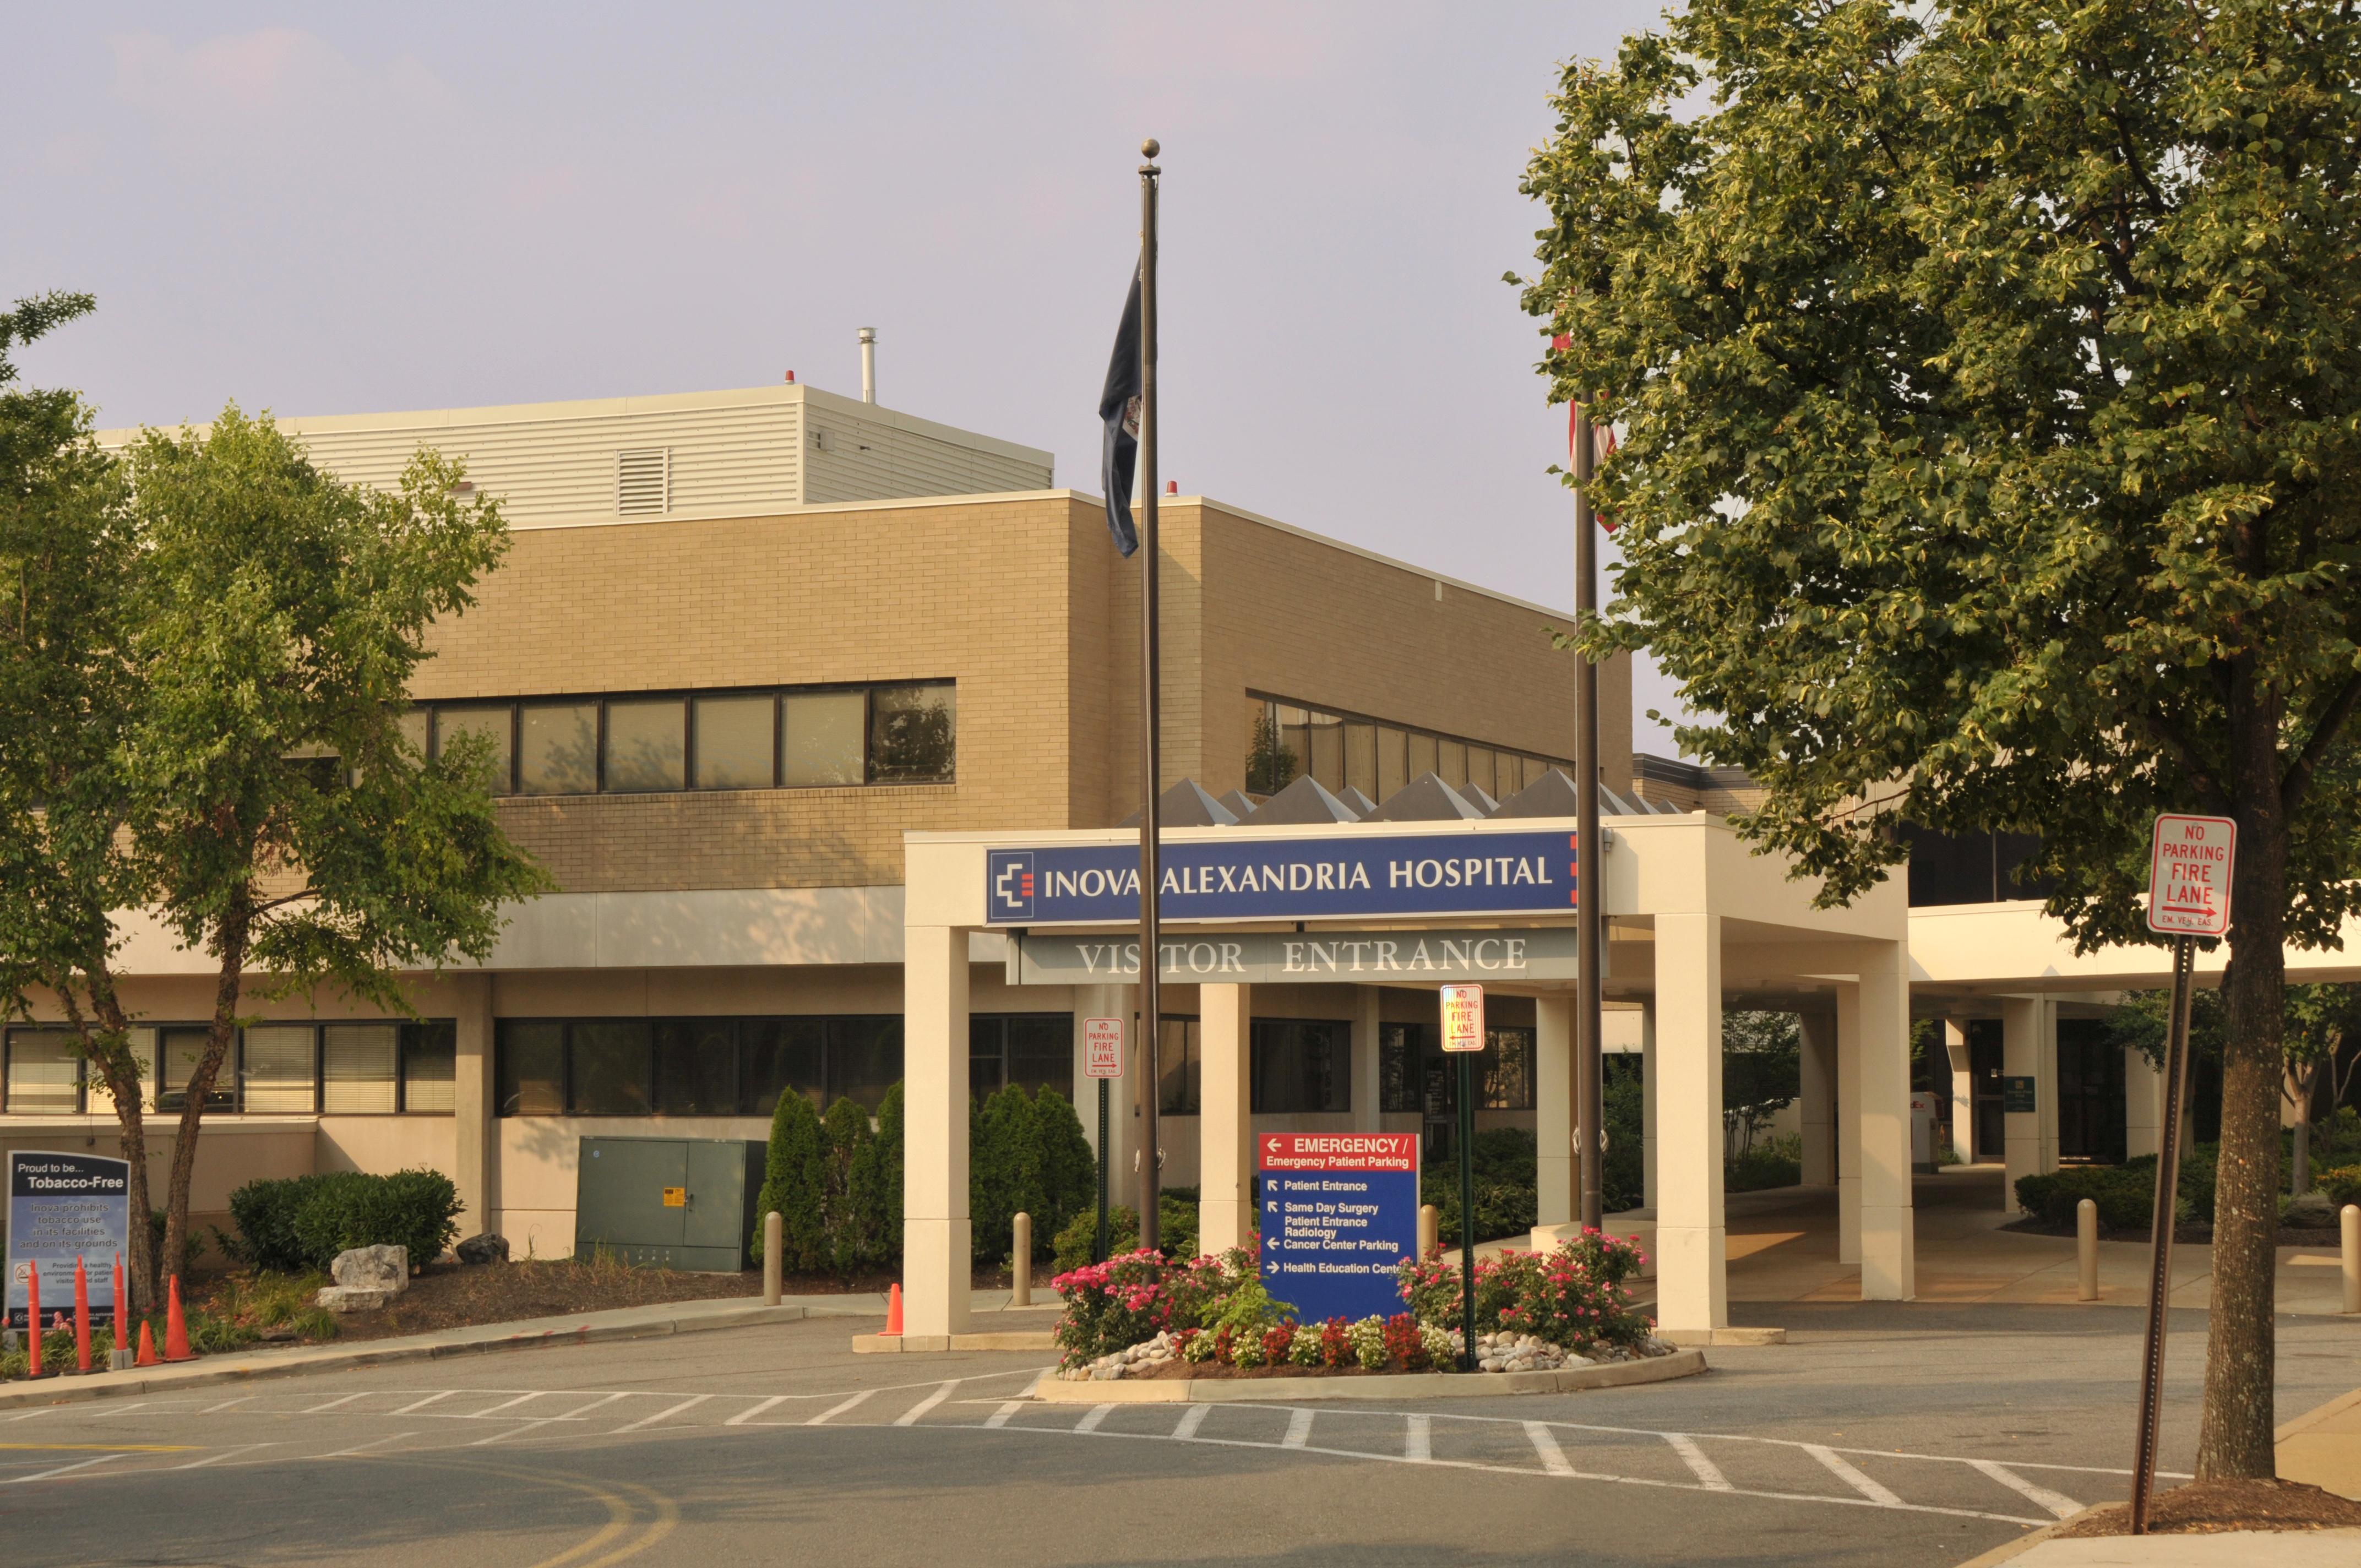 Heartburn Center at INOVA Alexandria Hospital